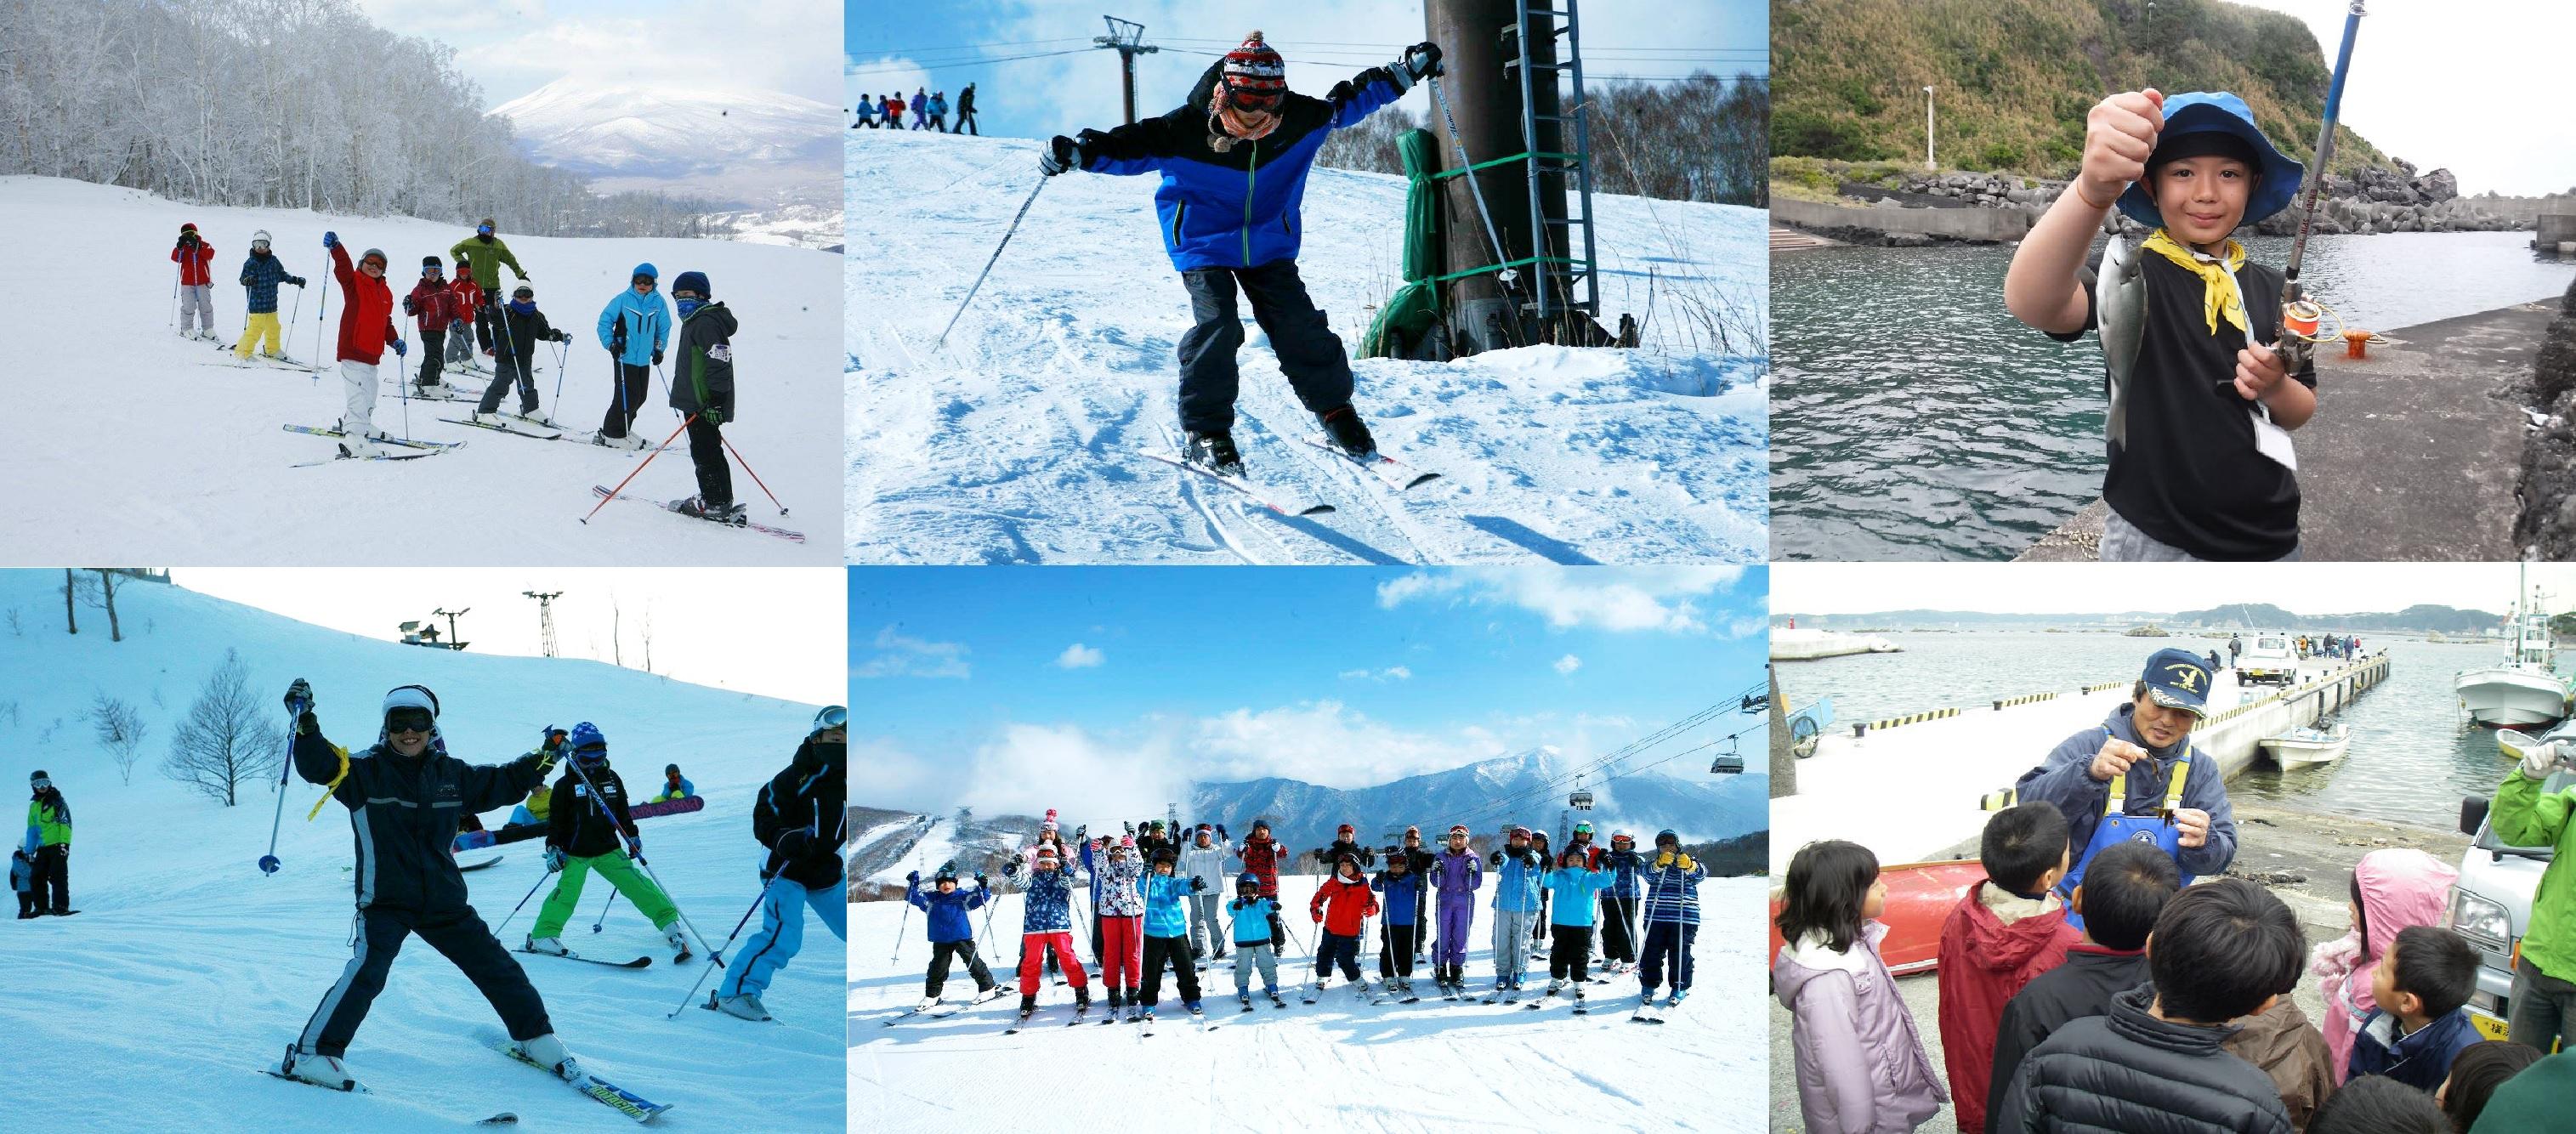 【参加者募集】小学生・中学生対象「2018・2019年冬休み子どもキャンプ・スキーツアー」の全3コースの参加者募集がスタート!~東京・横浜の集合解散で、本格的な体験ができる!